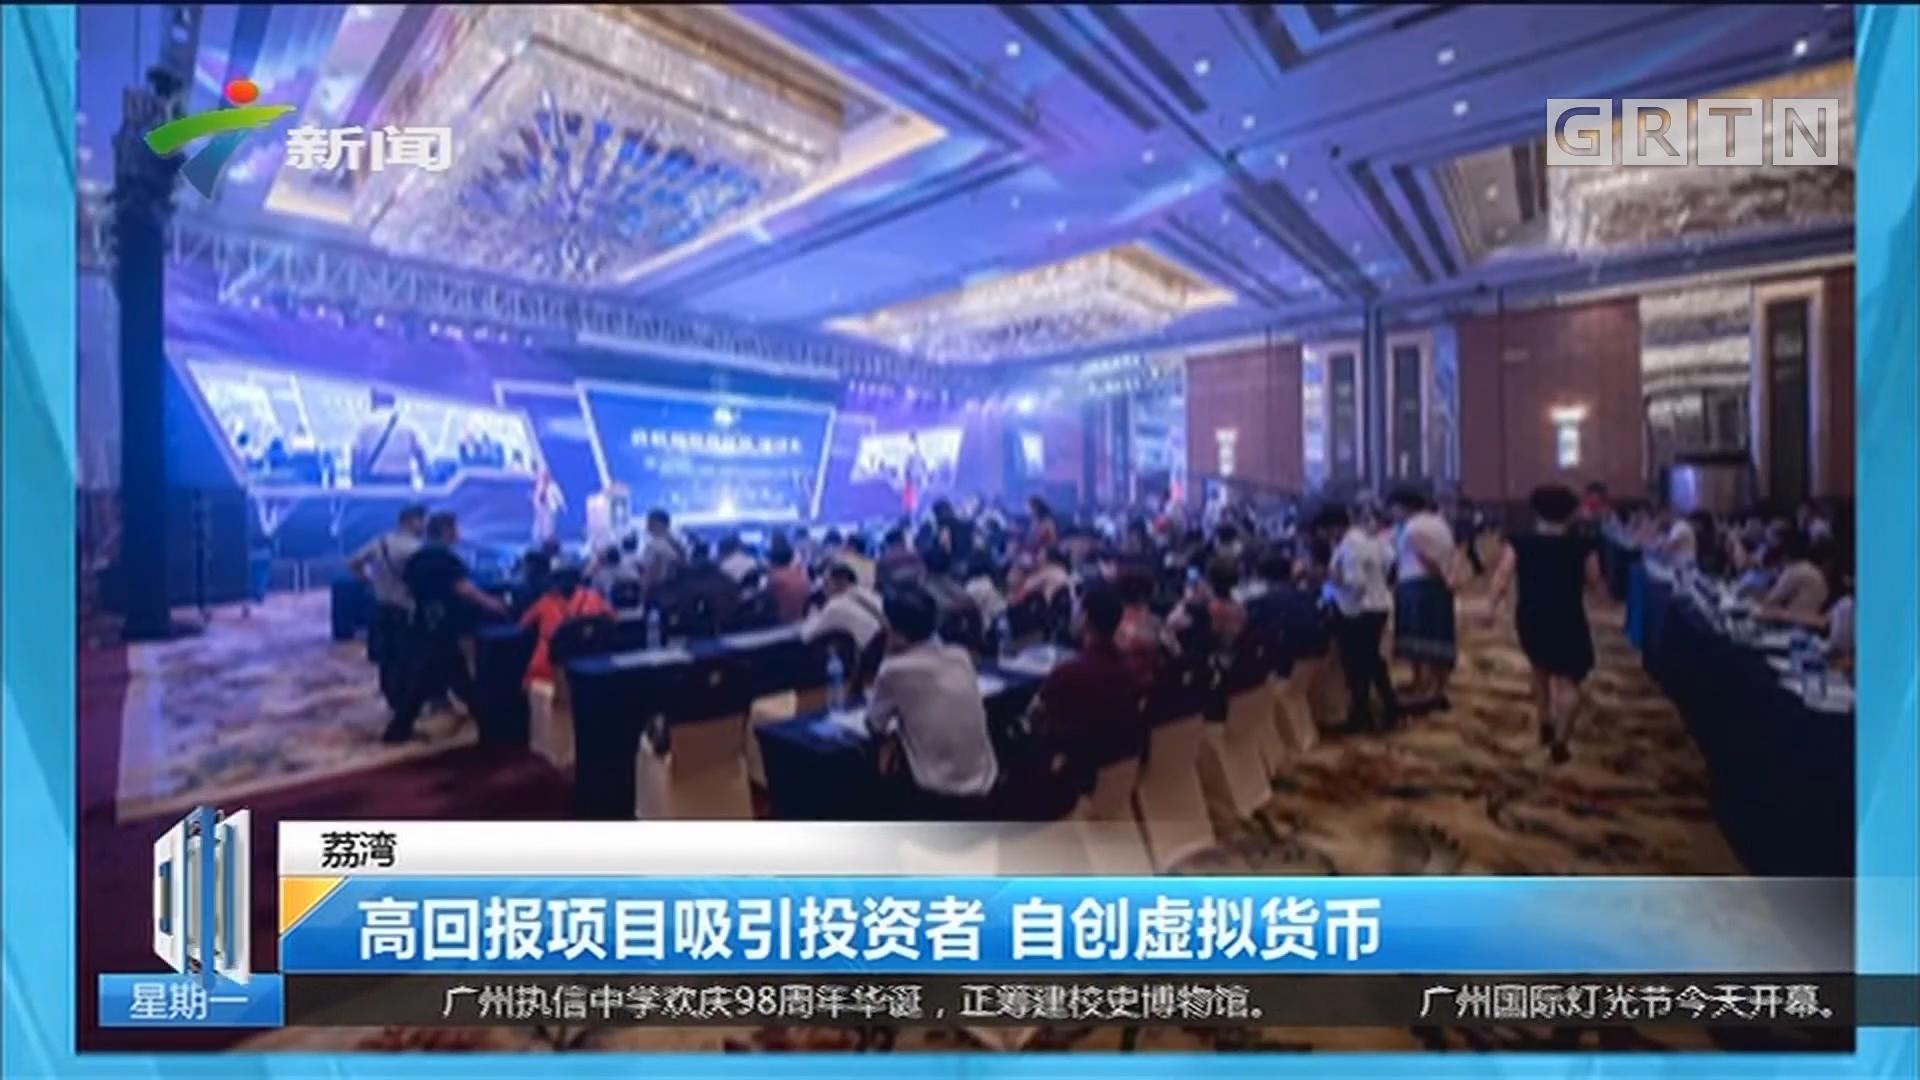 荔湾:高回报顶目吸引投资者 自创虚拟货币